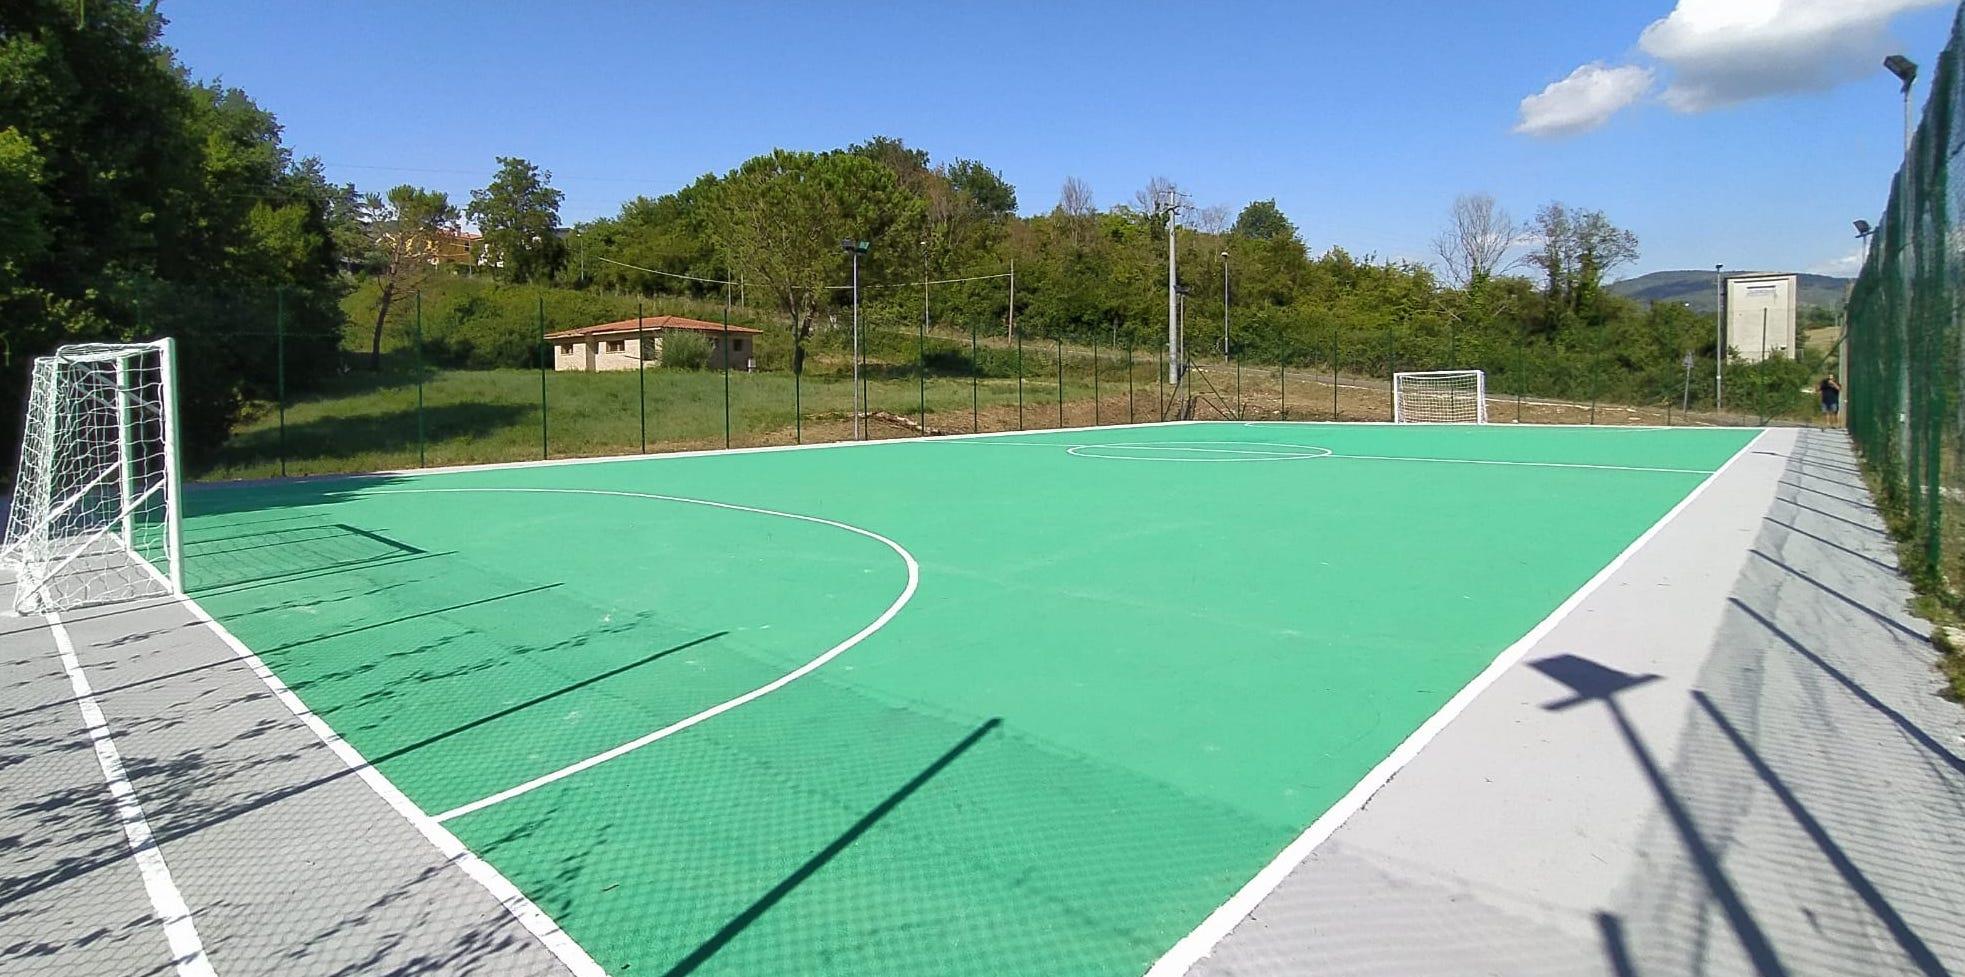 Parco e campo riqualificati a Santa Balbina, c'è l'avviso per l'affidamento